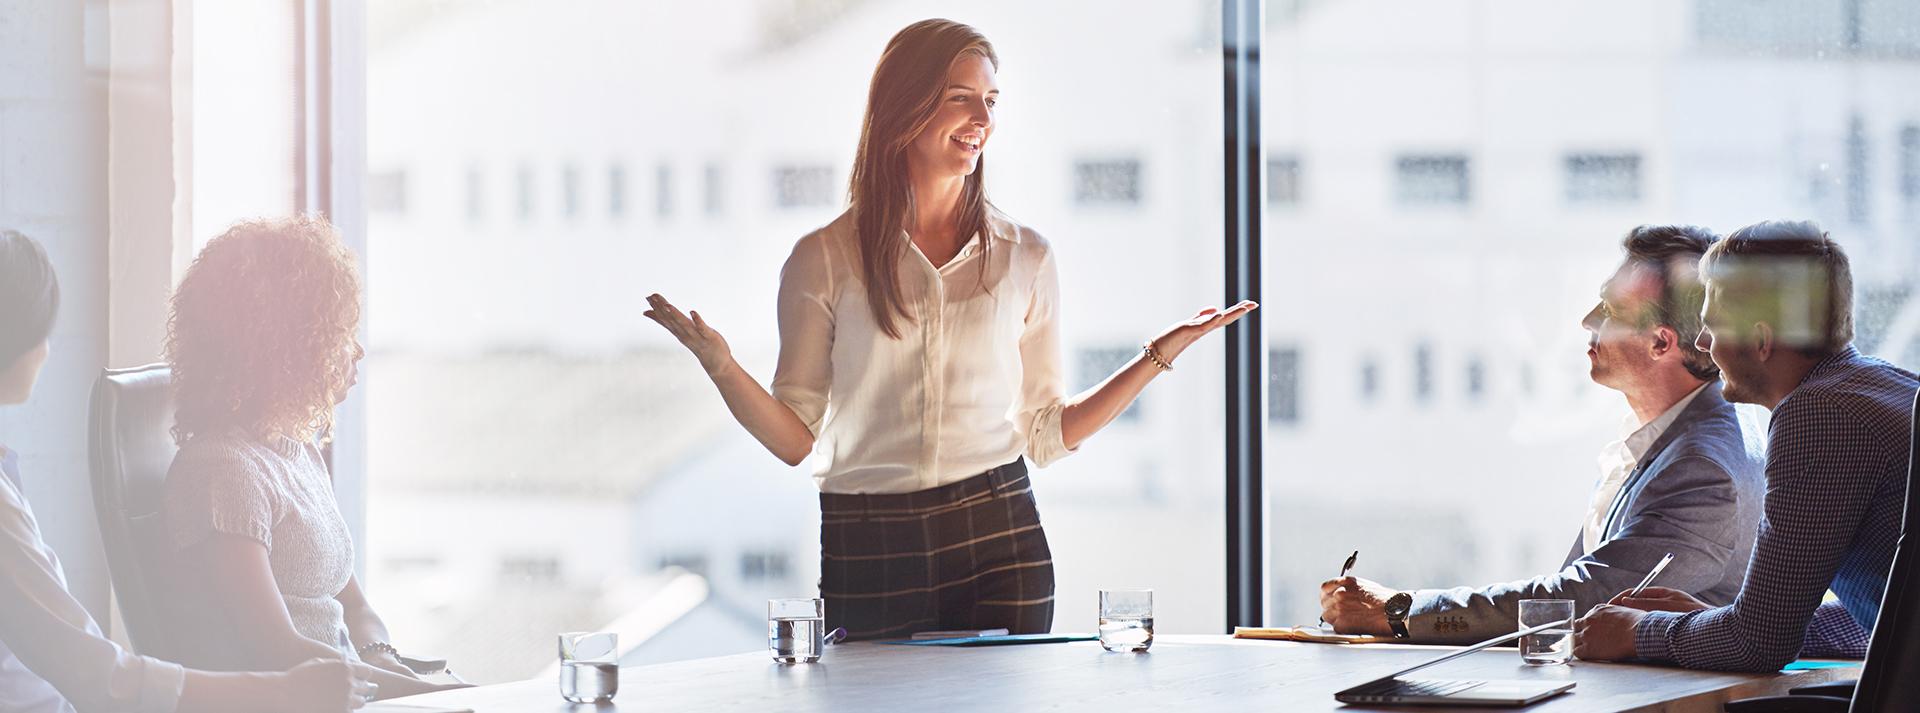 Ledarskapsutbildning med kvinnlig utbildare